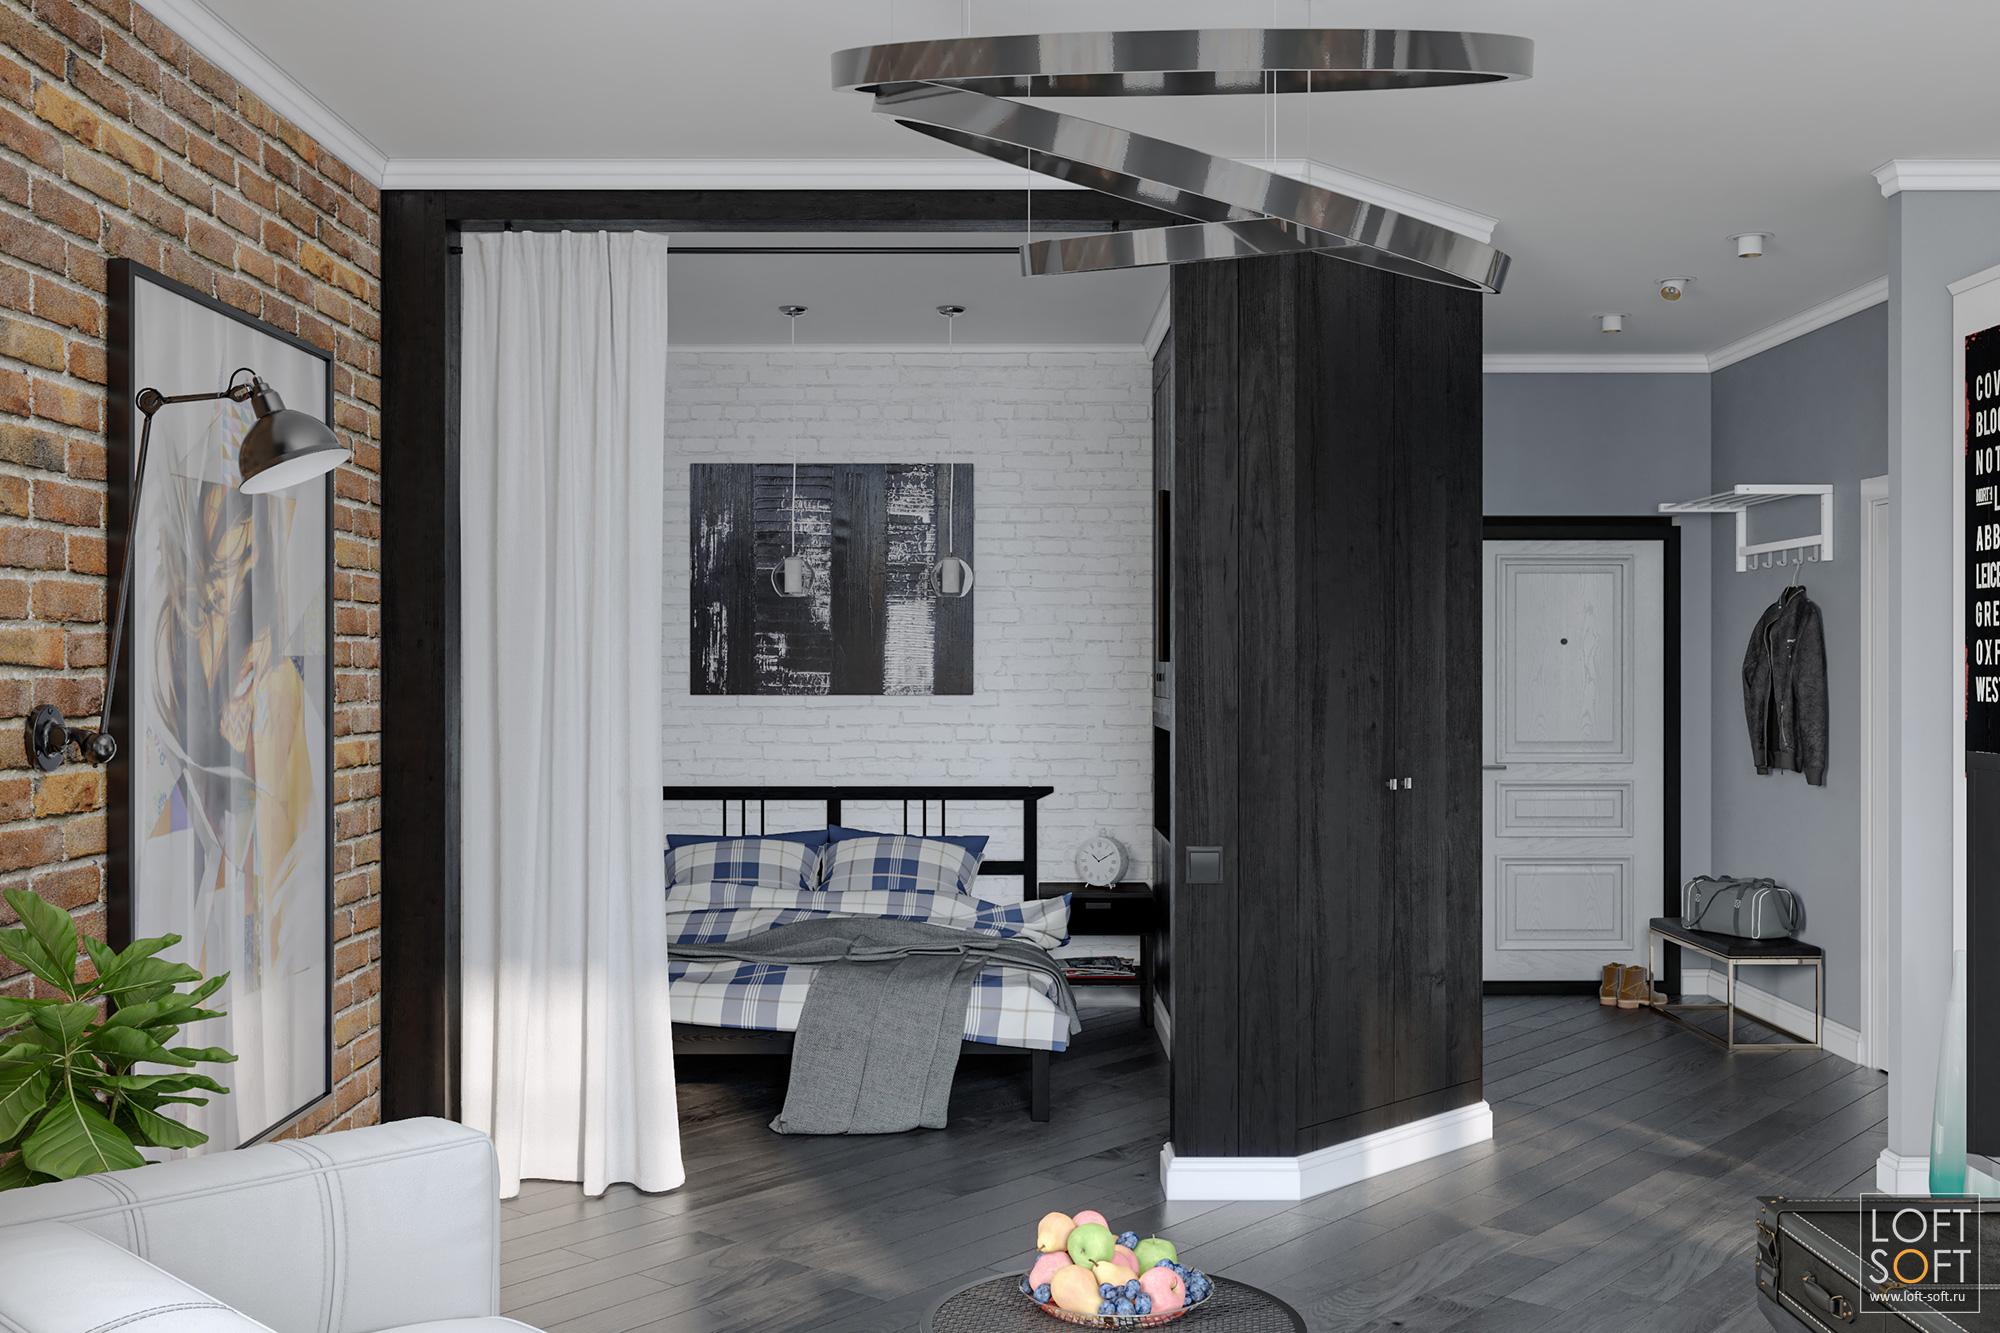 Зонирование квартиры студии. Дизайн встиле лофт. Квартира студия дизайн интерьера.